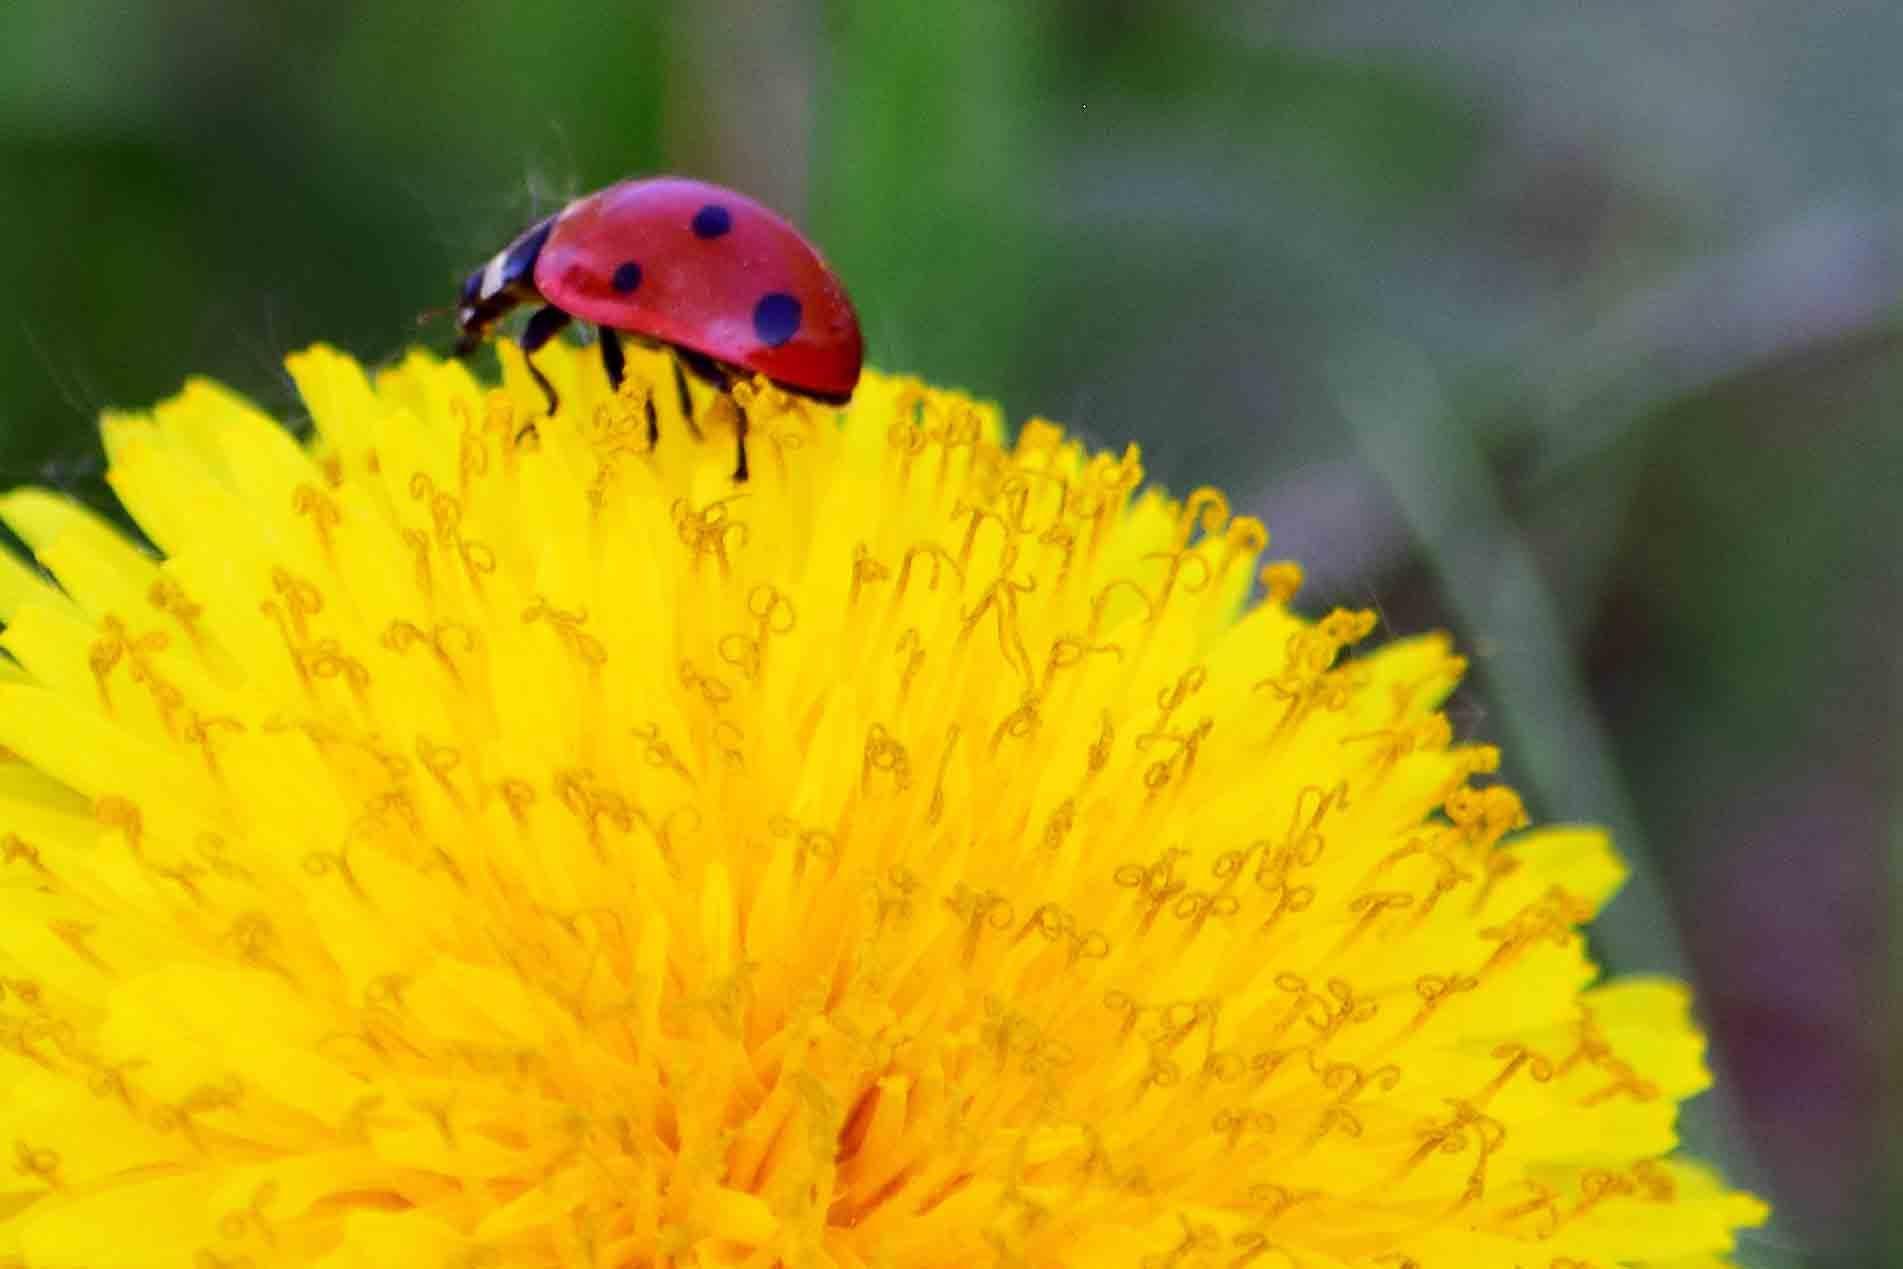 Free stock photo of dandelion, ladybug